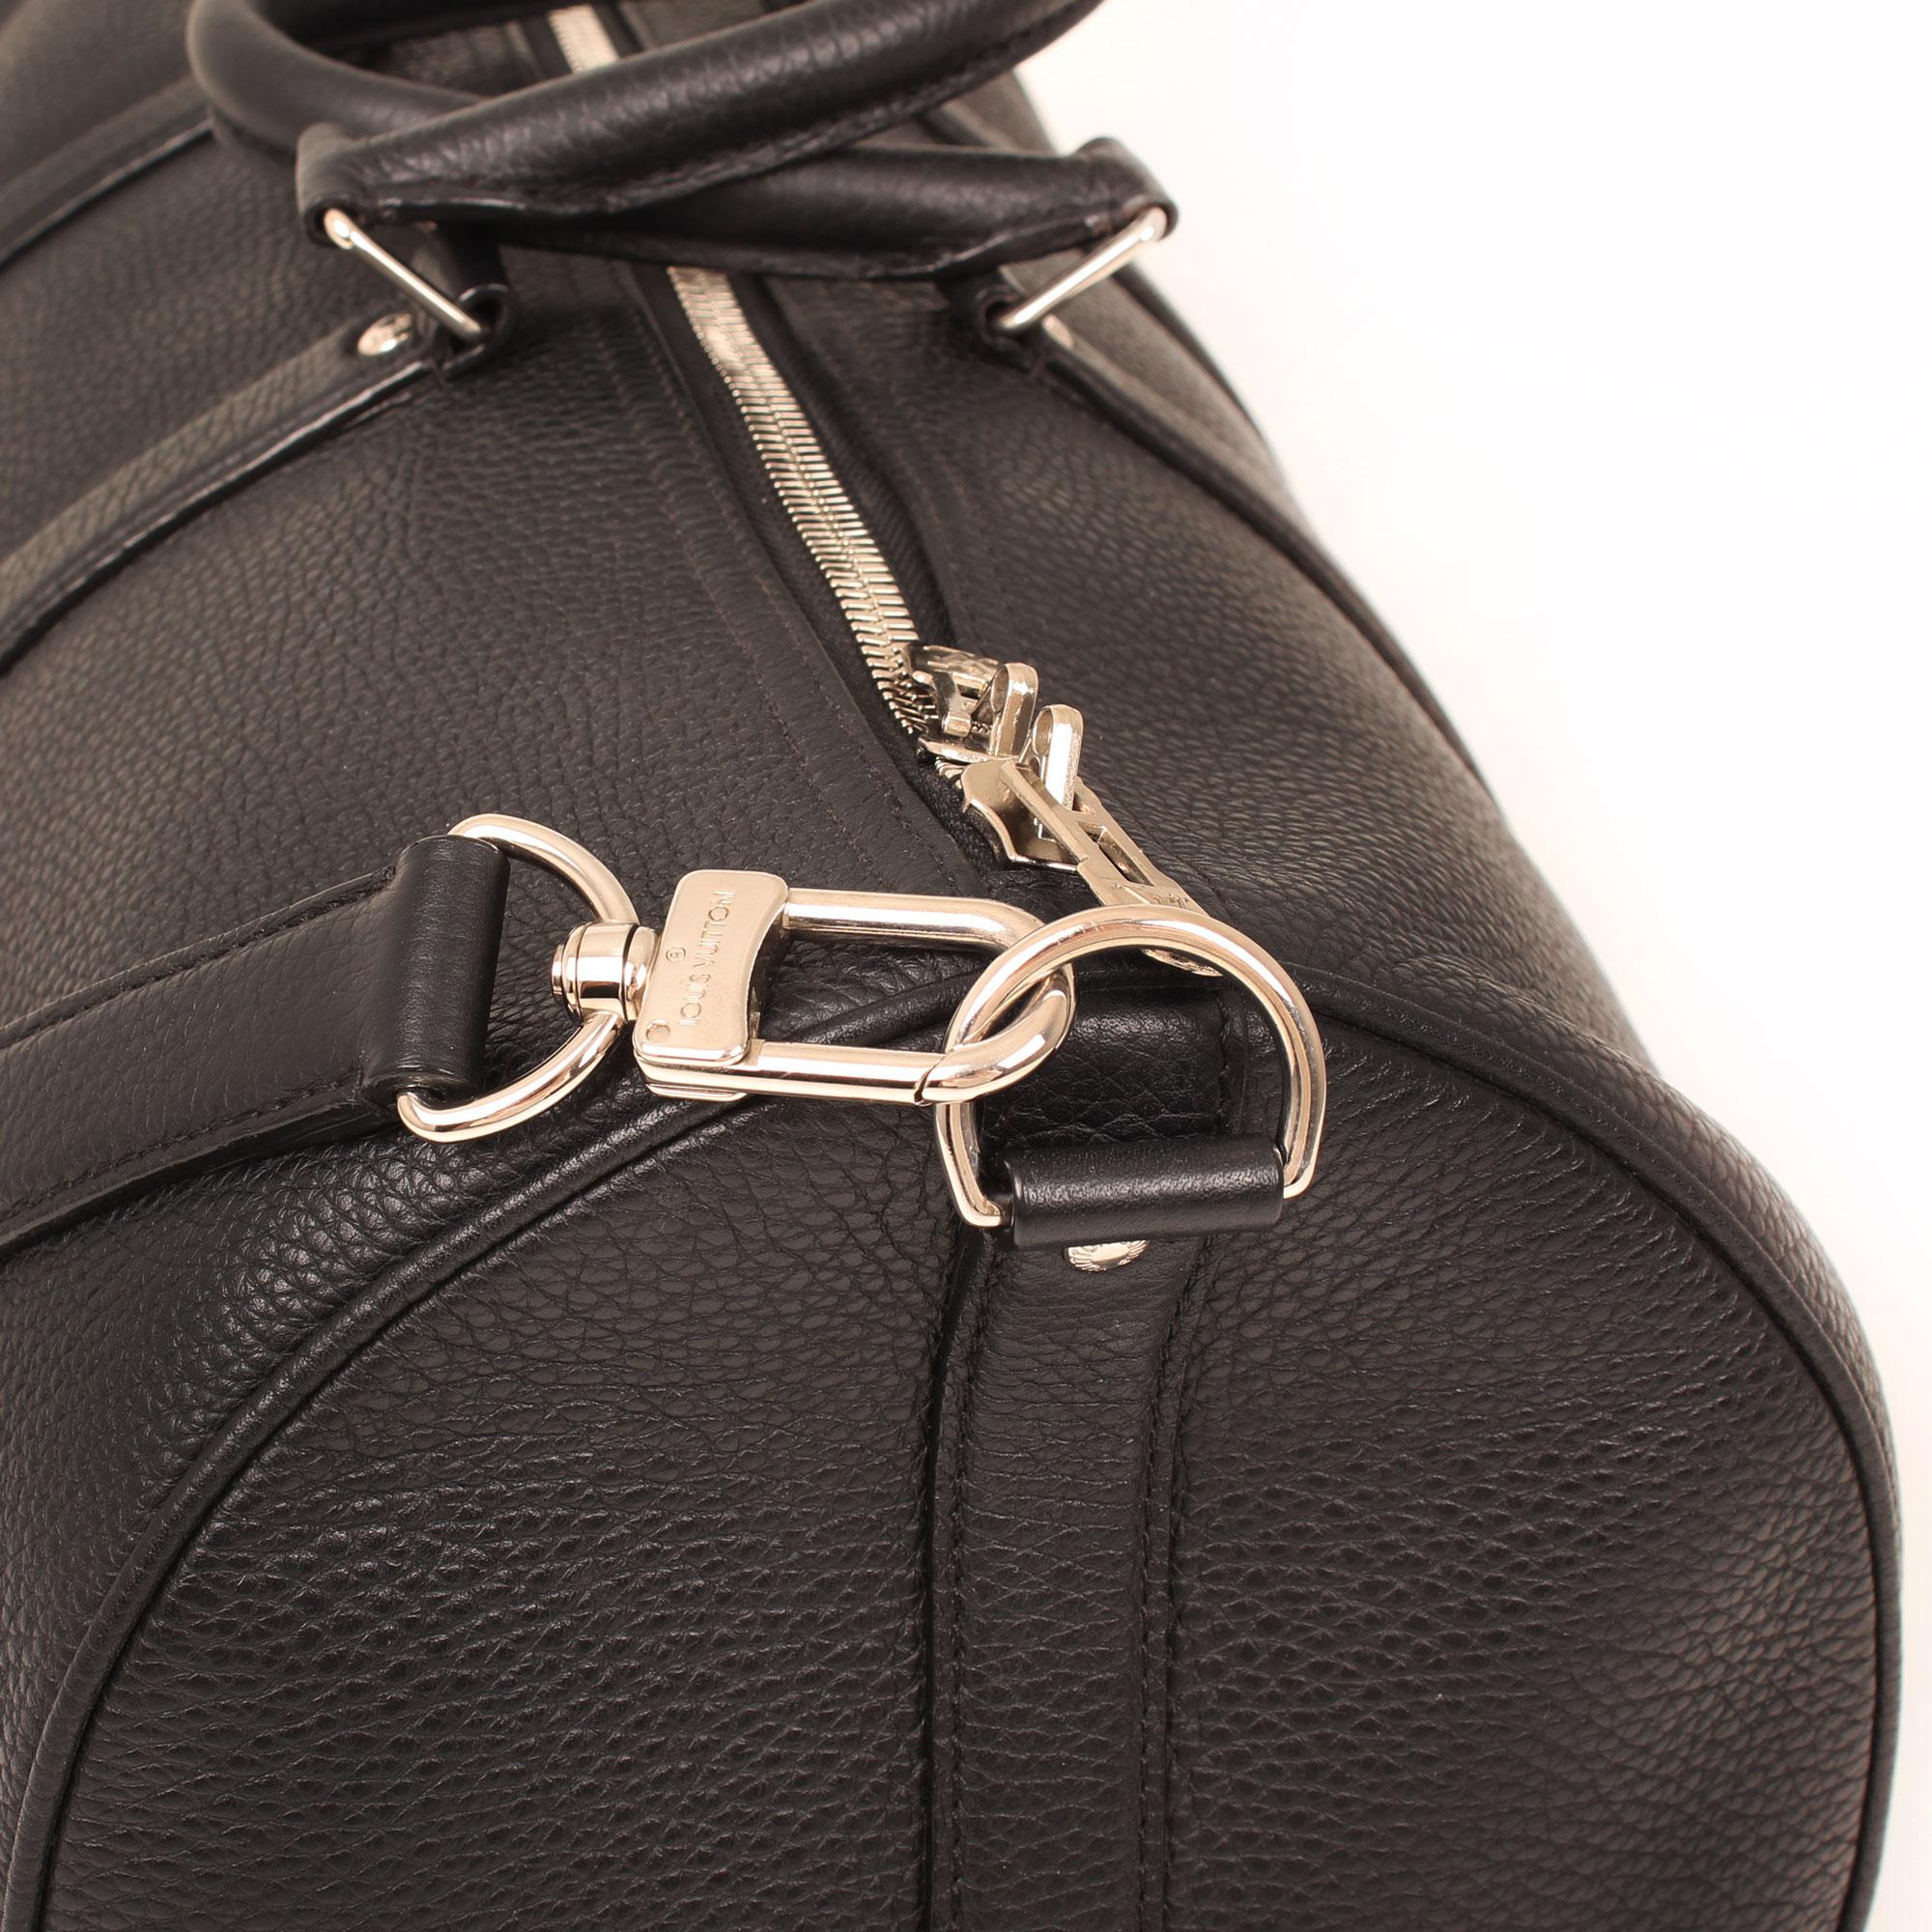 Imagen de la cremallera de la bolsa de viaje louis vuitton keepall 45 piel negro